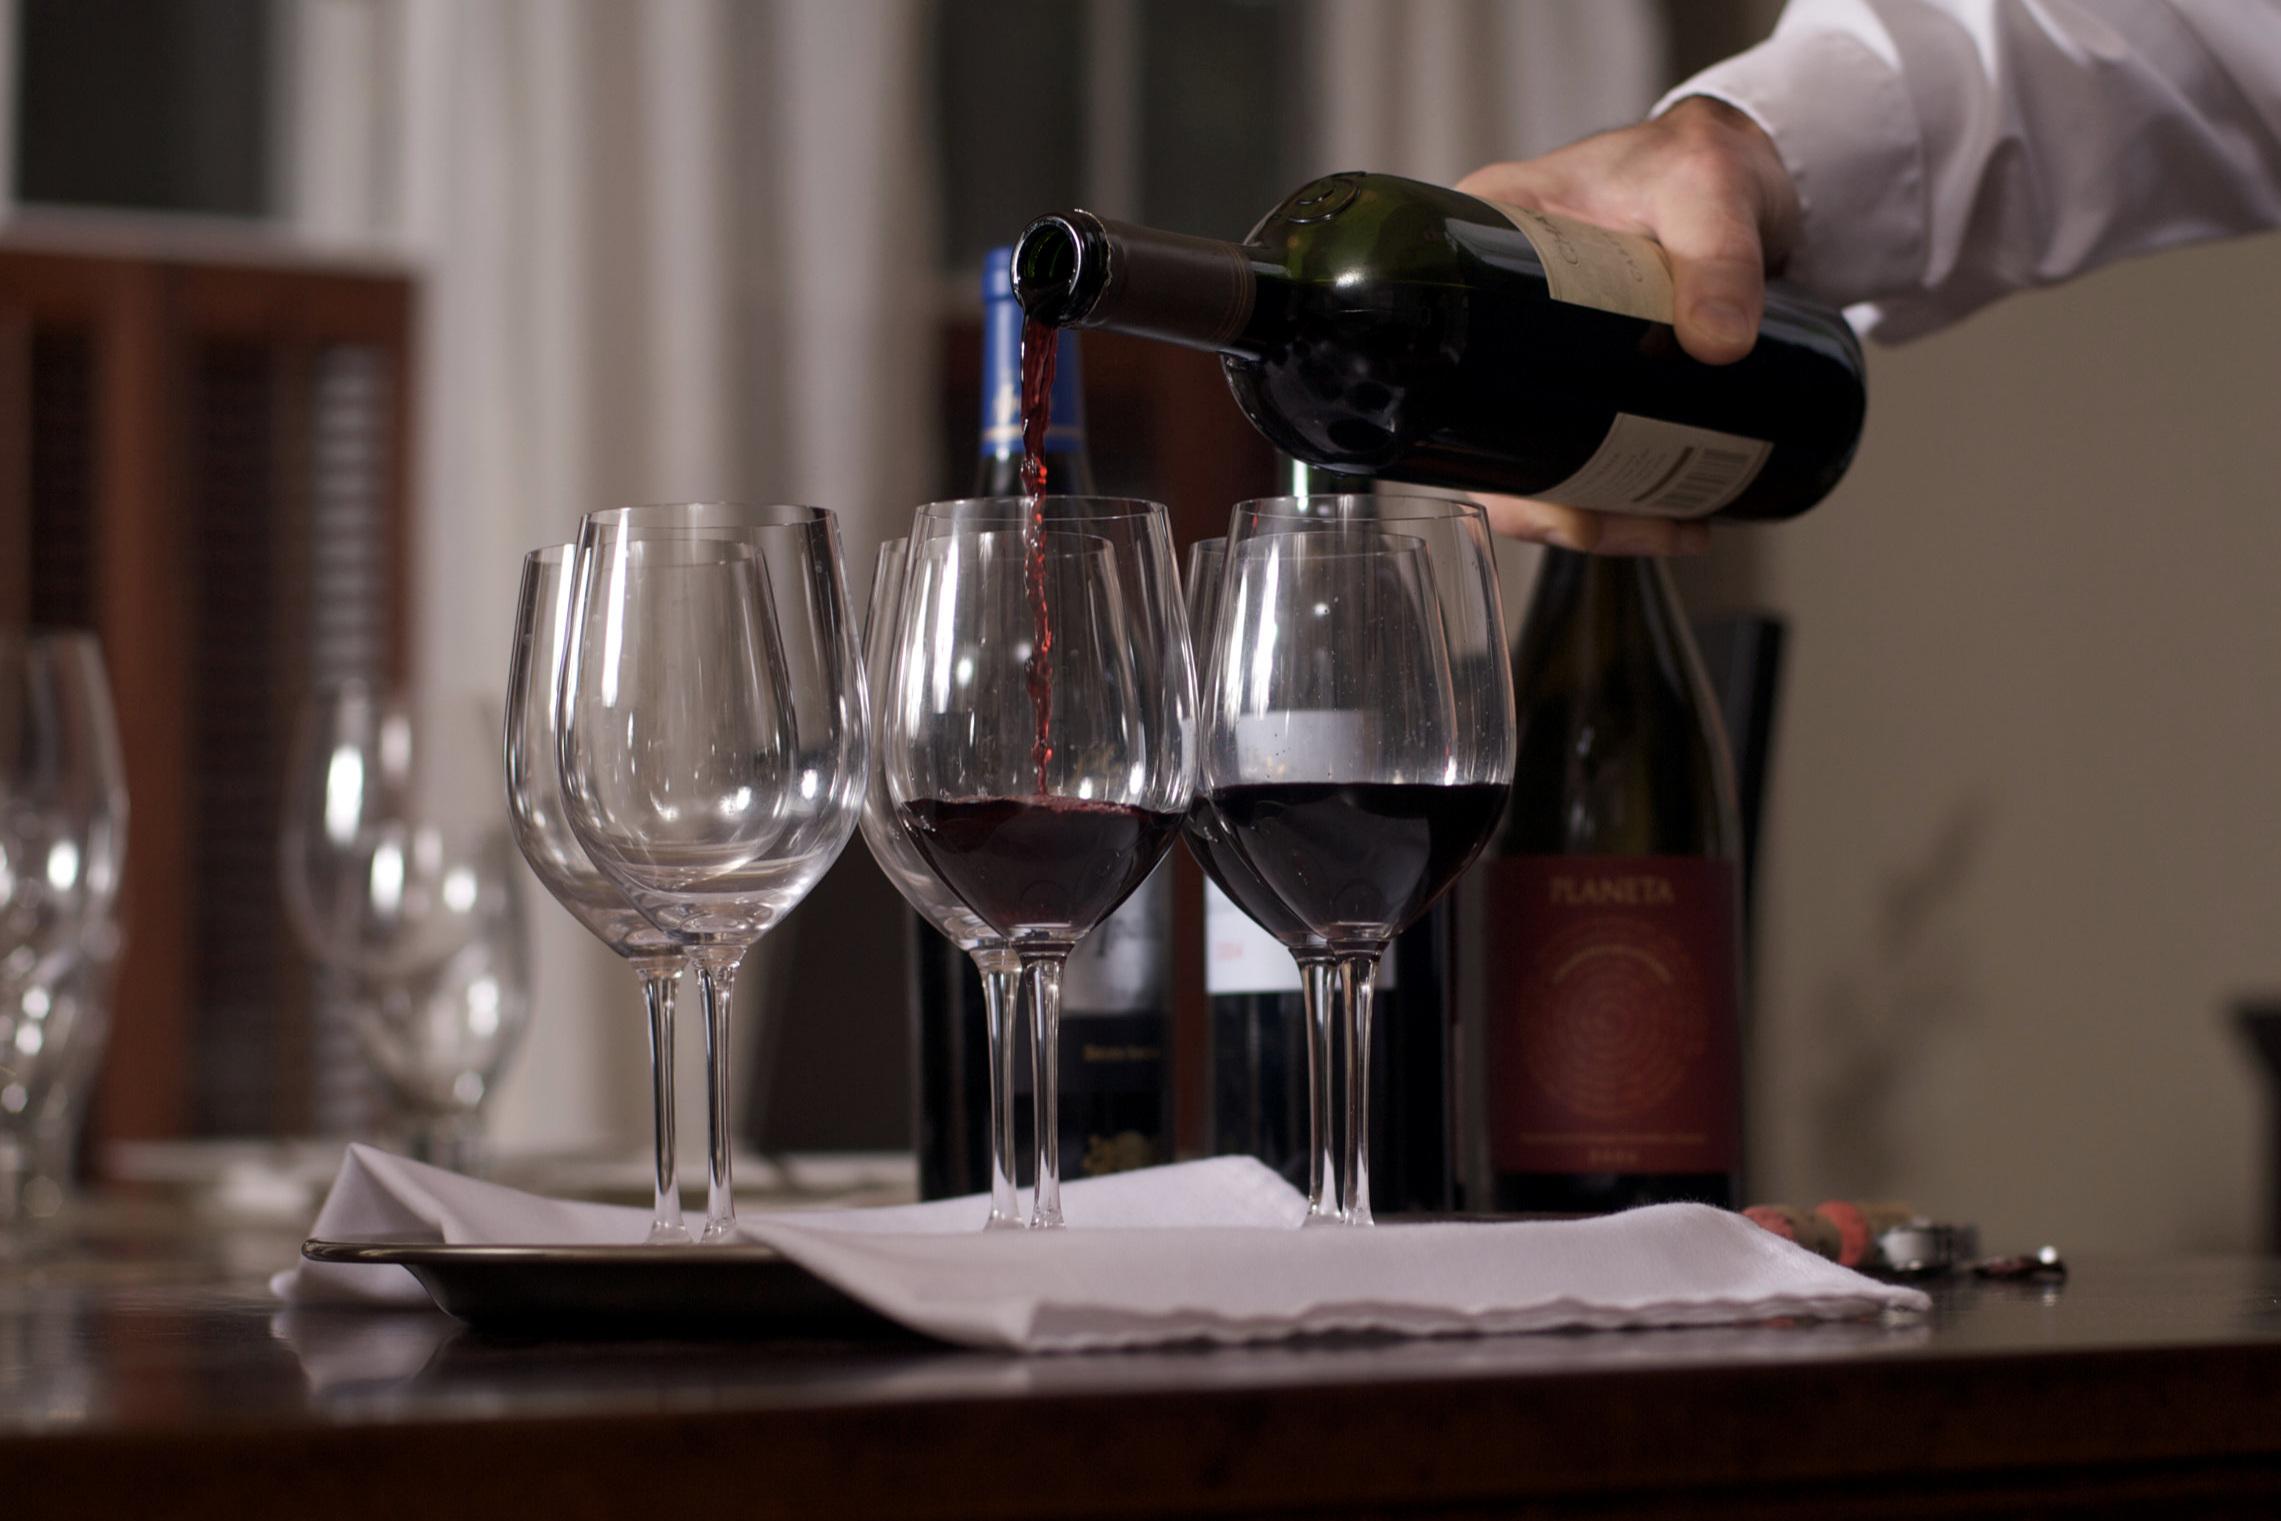 ktk_food_wine17.jpg